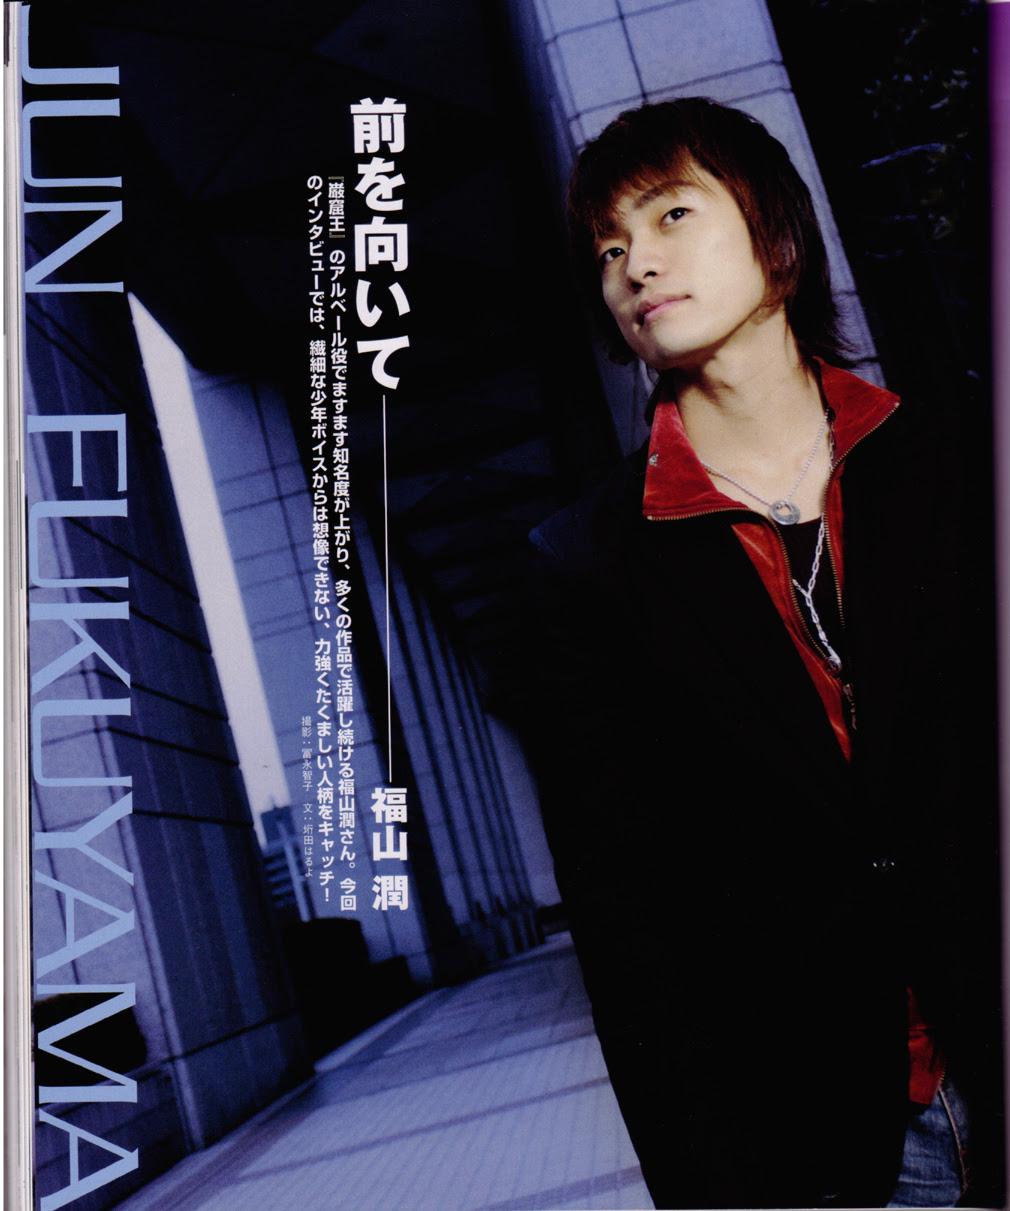 Jun Fukuyama Wallpaper And Scan Gallery Minitokyo